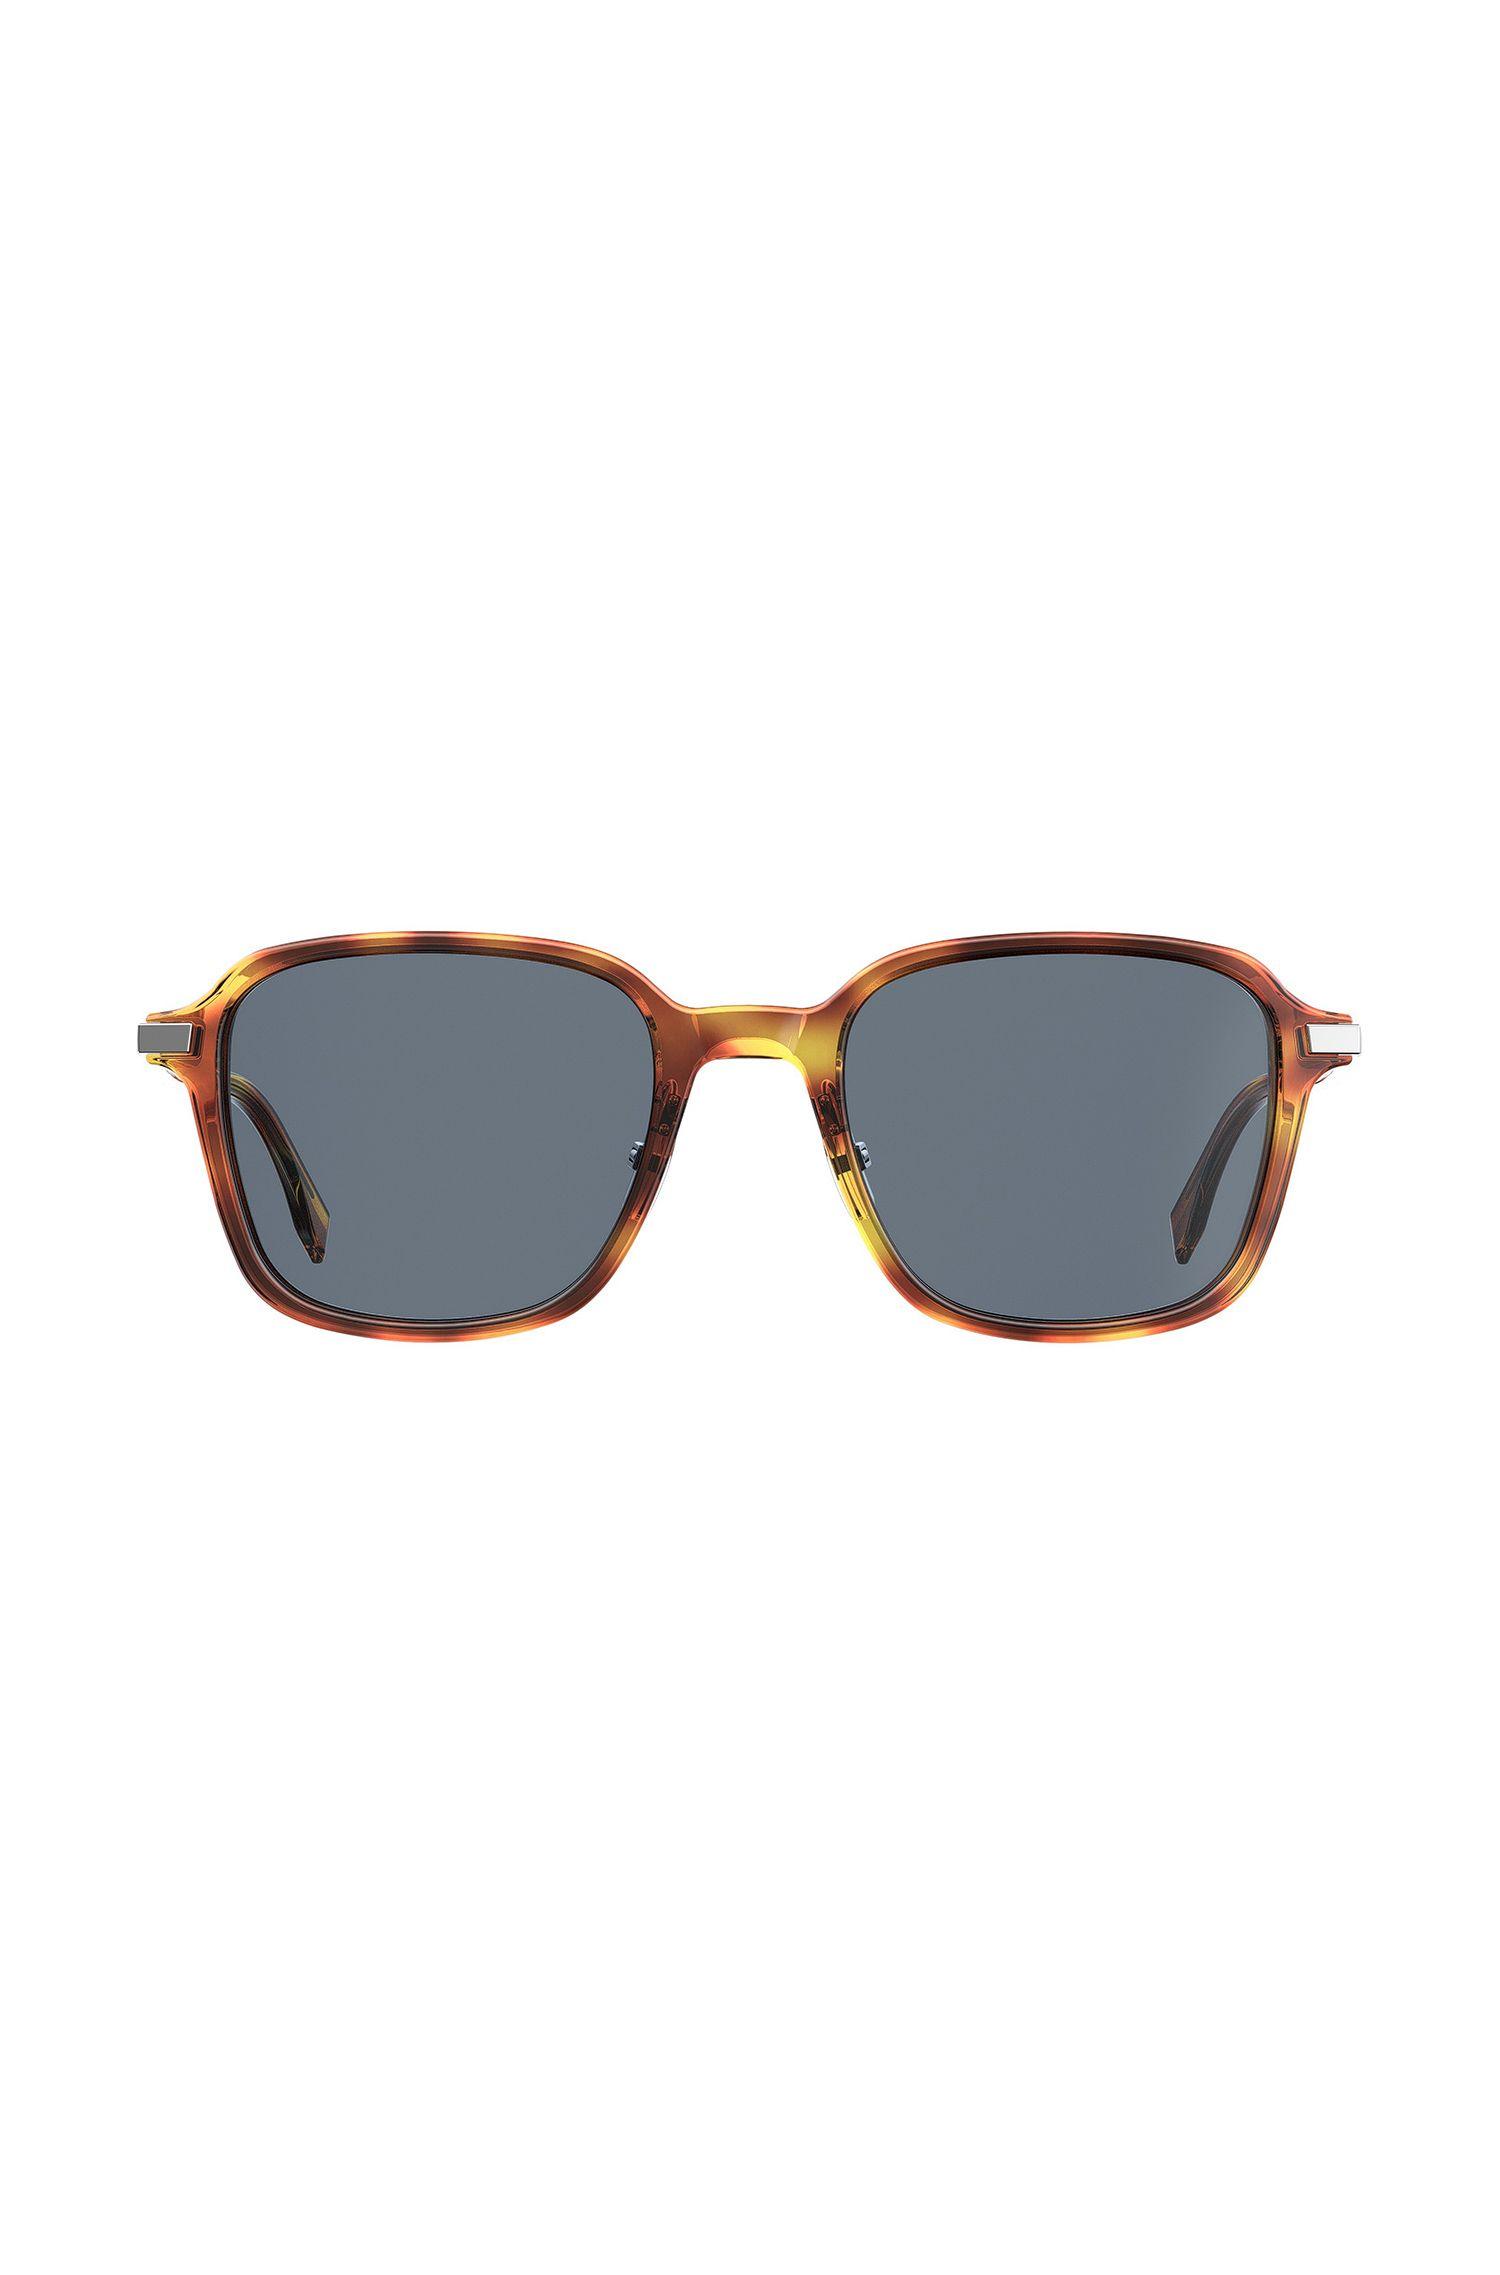 Sonnenbrille aus Acetat im Vintage-Stil mit verstellbaren Nasenpads